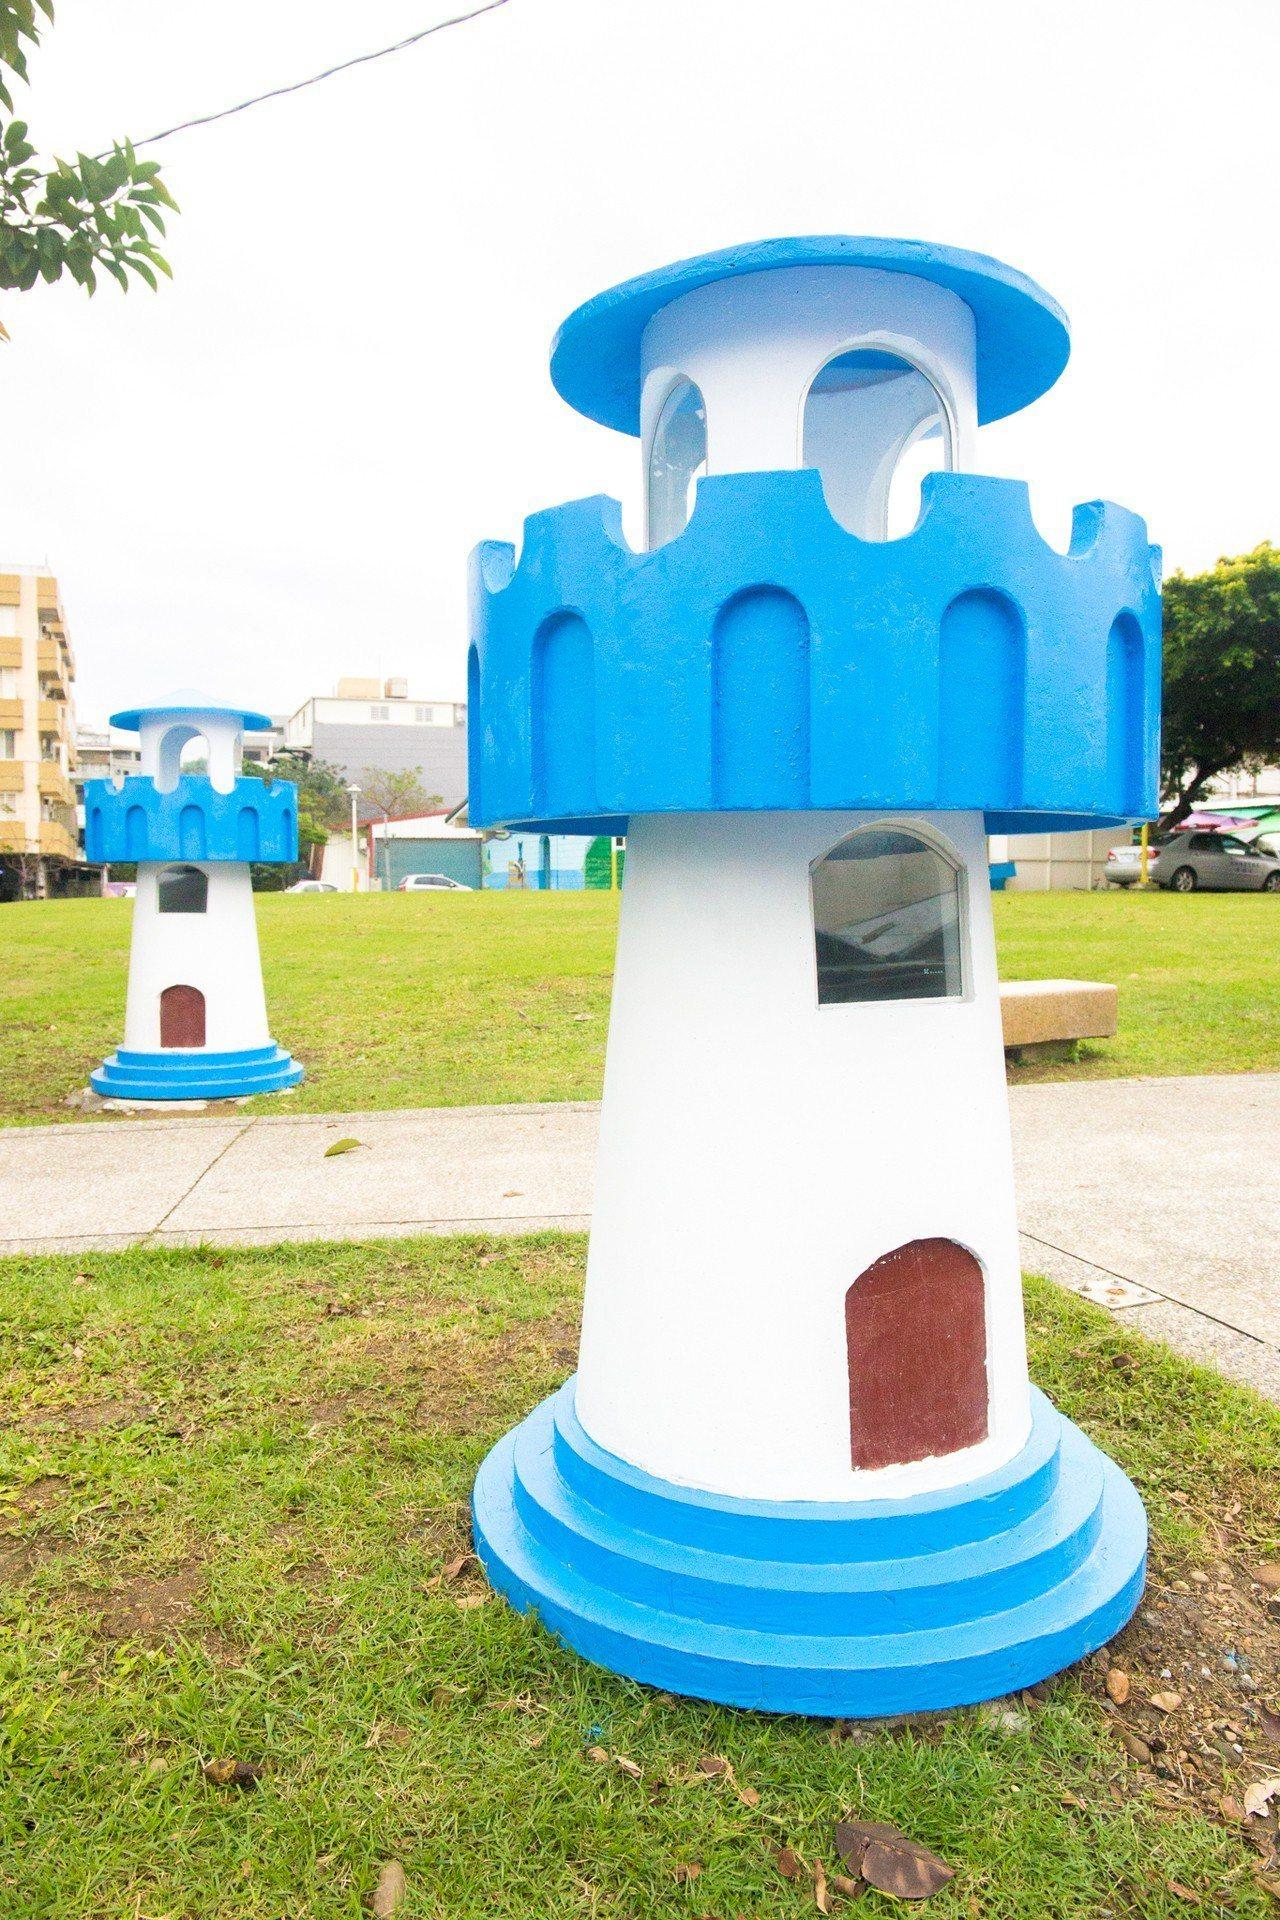 花蓮市民運社區白燈塔公園,本月新建5座用藍白色系、燈塔造型設計的景觀燈,兼顧美觀...